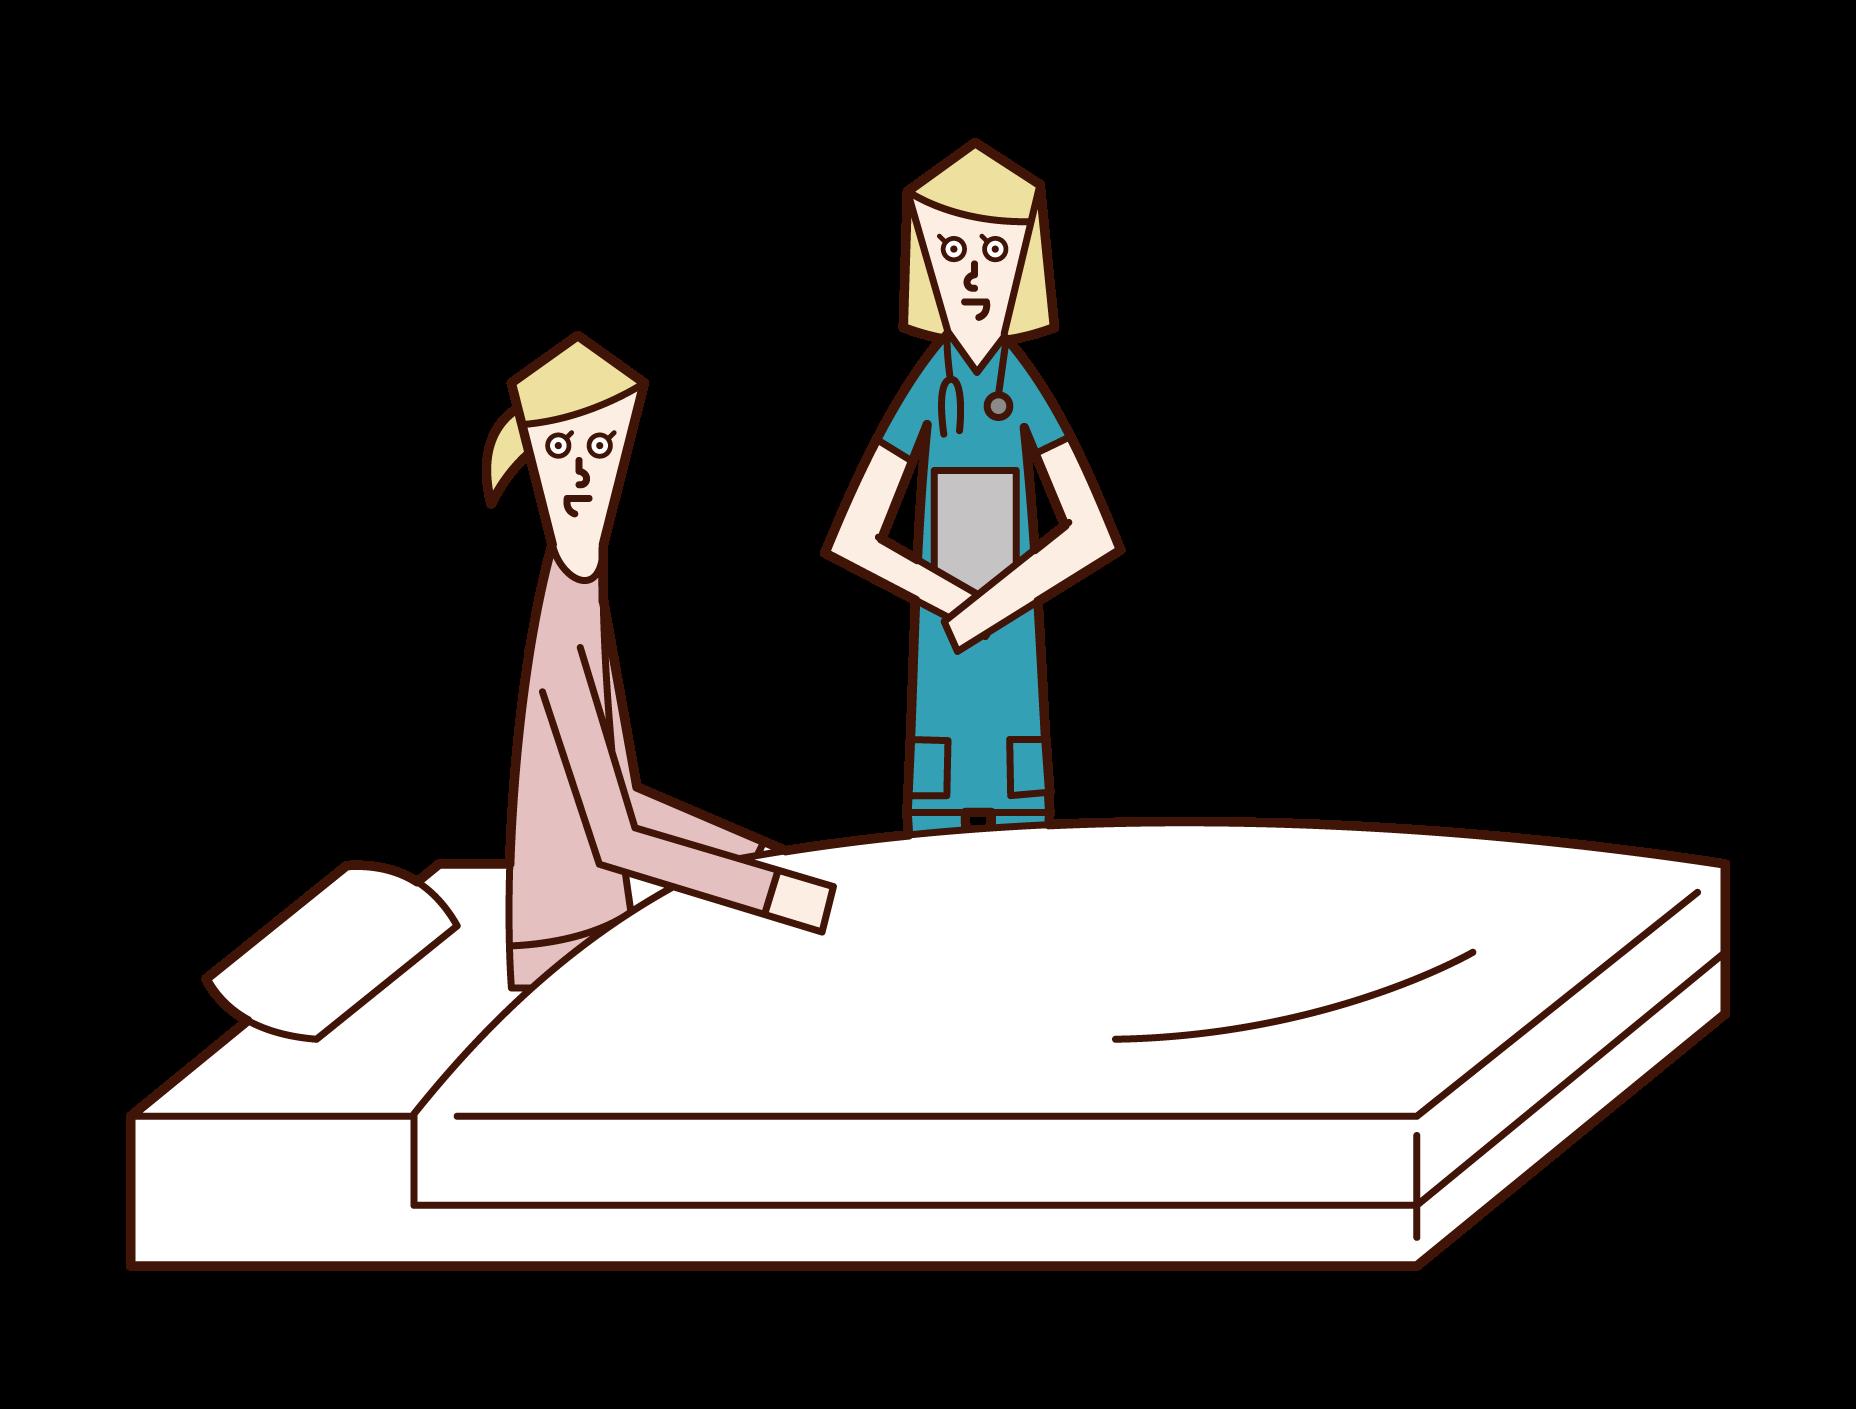 看護婦と話をする入院中の人(女性)のイラスト